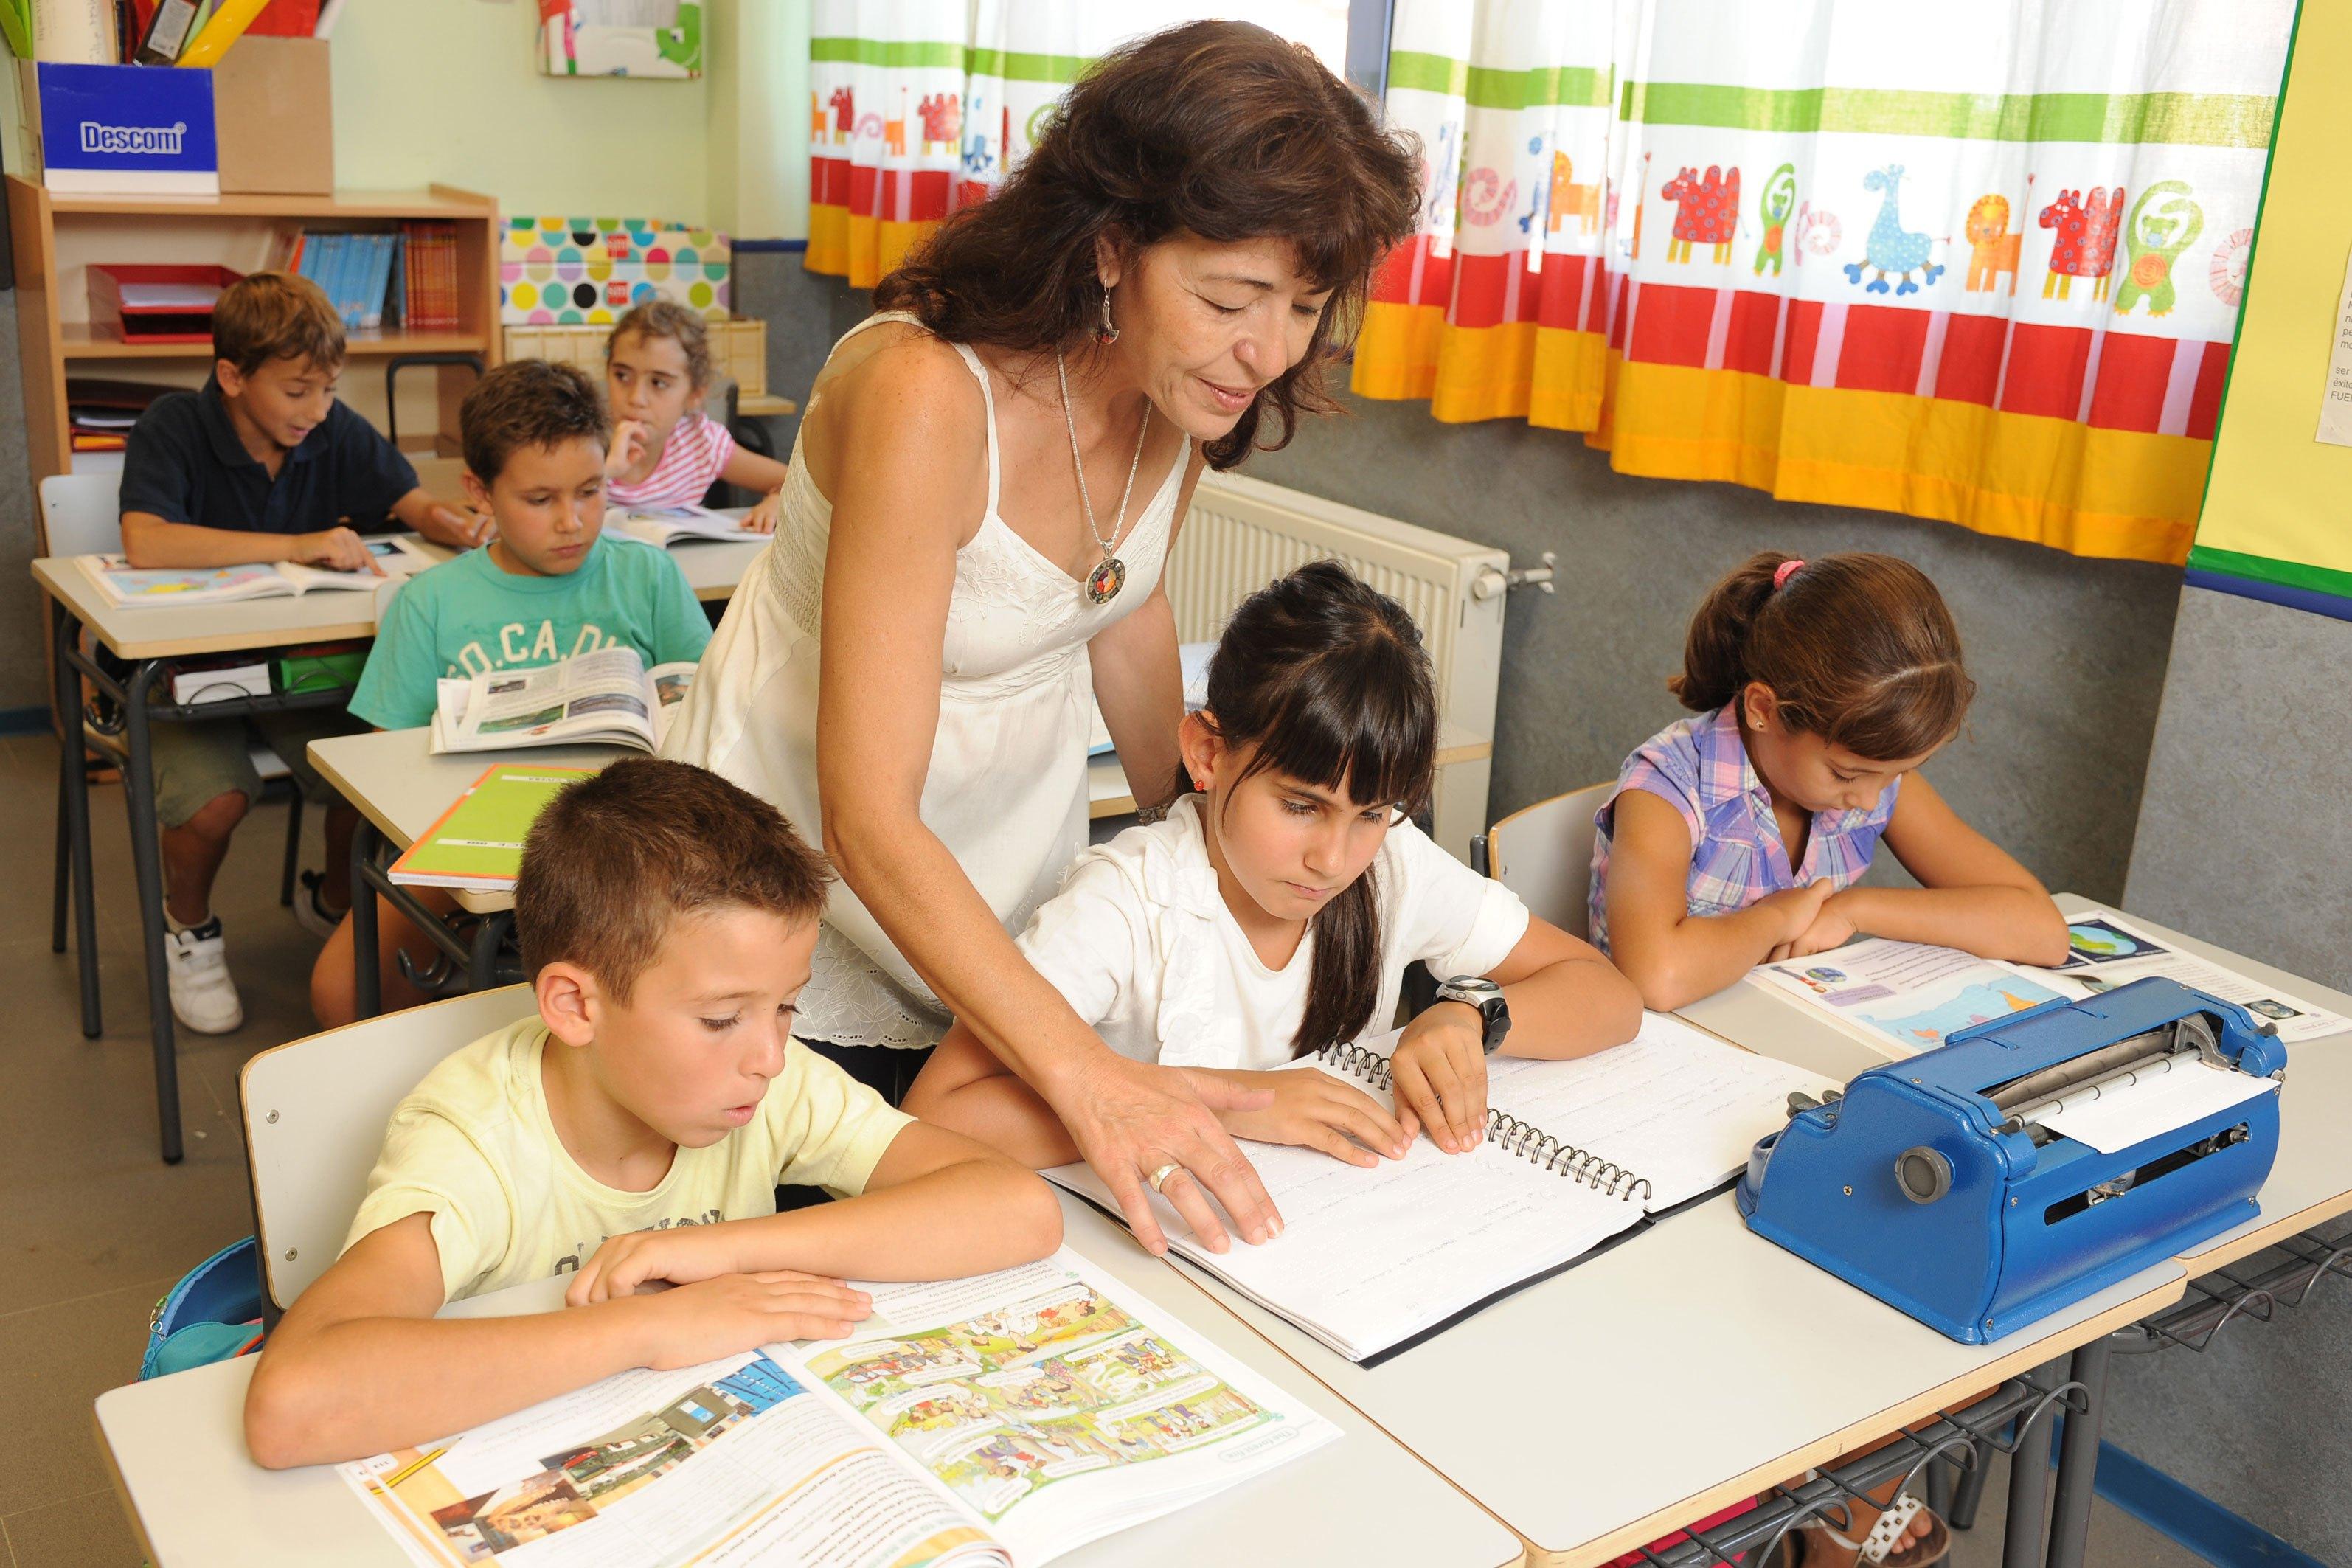 Seduc busca integrar a niños ciegos y sordos en escuelas